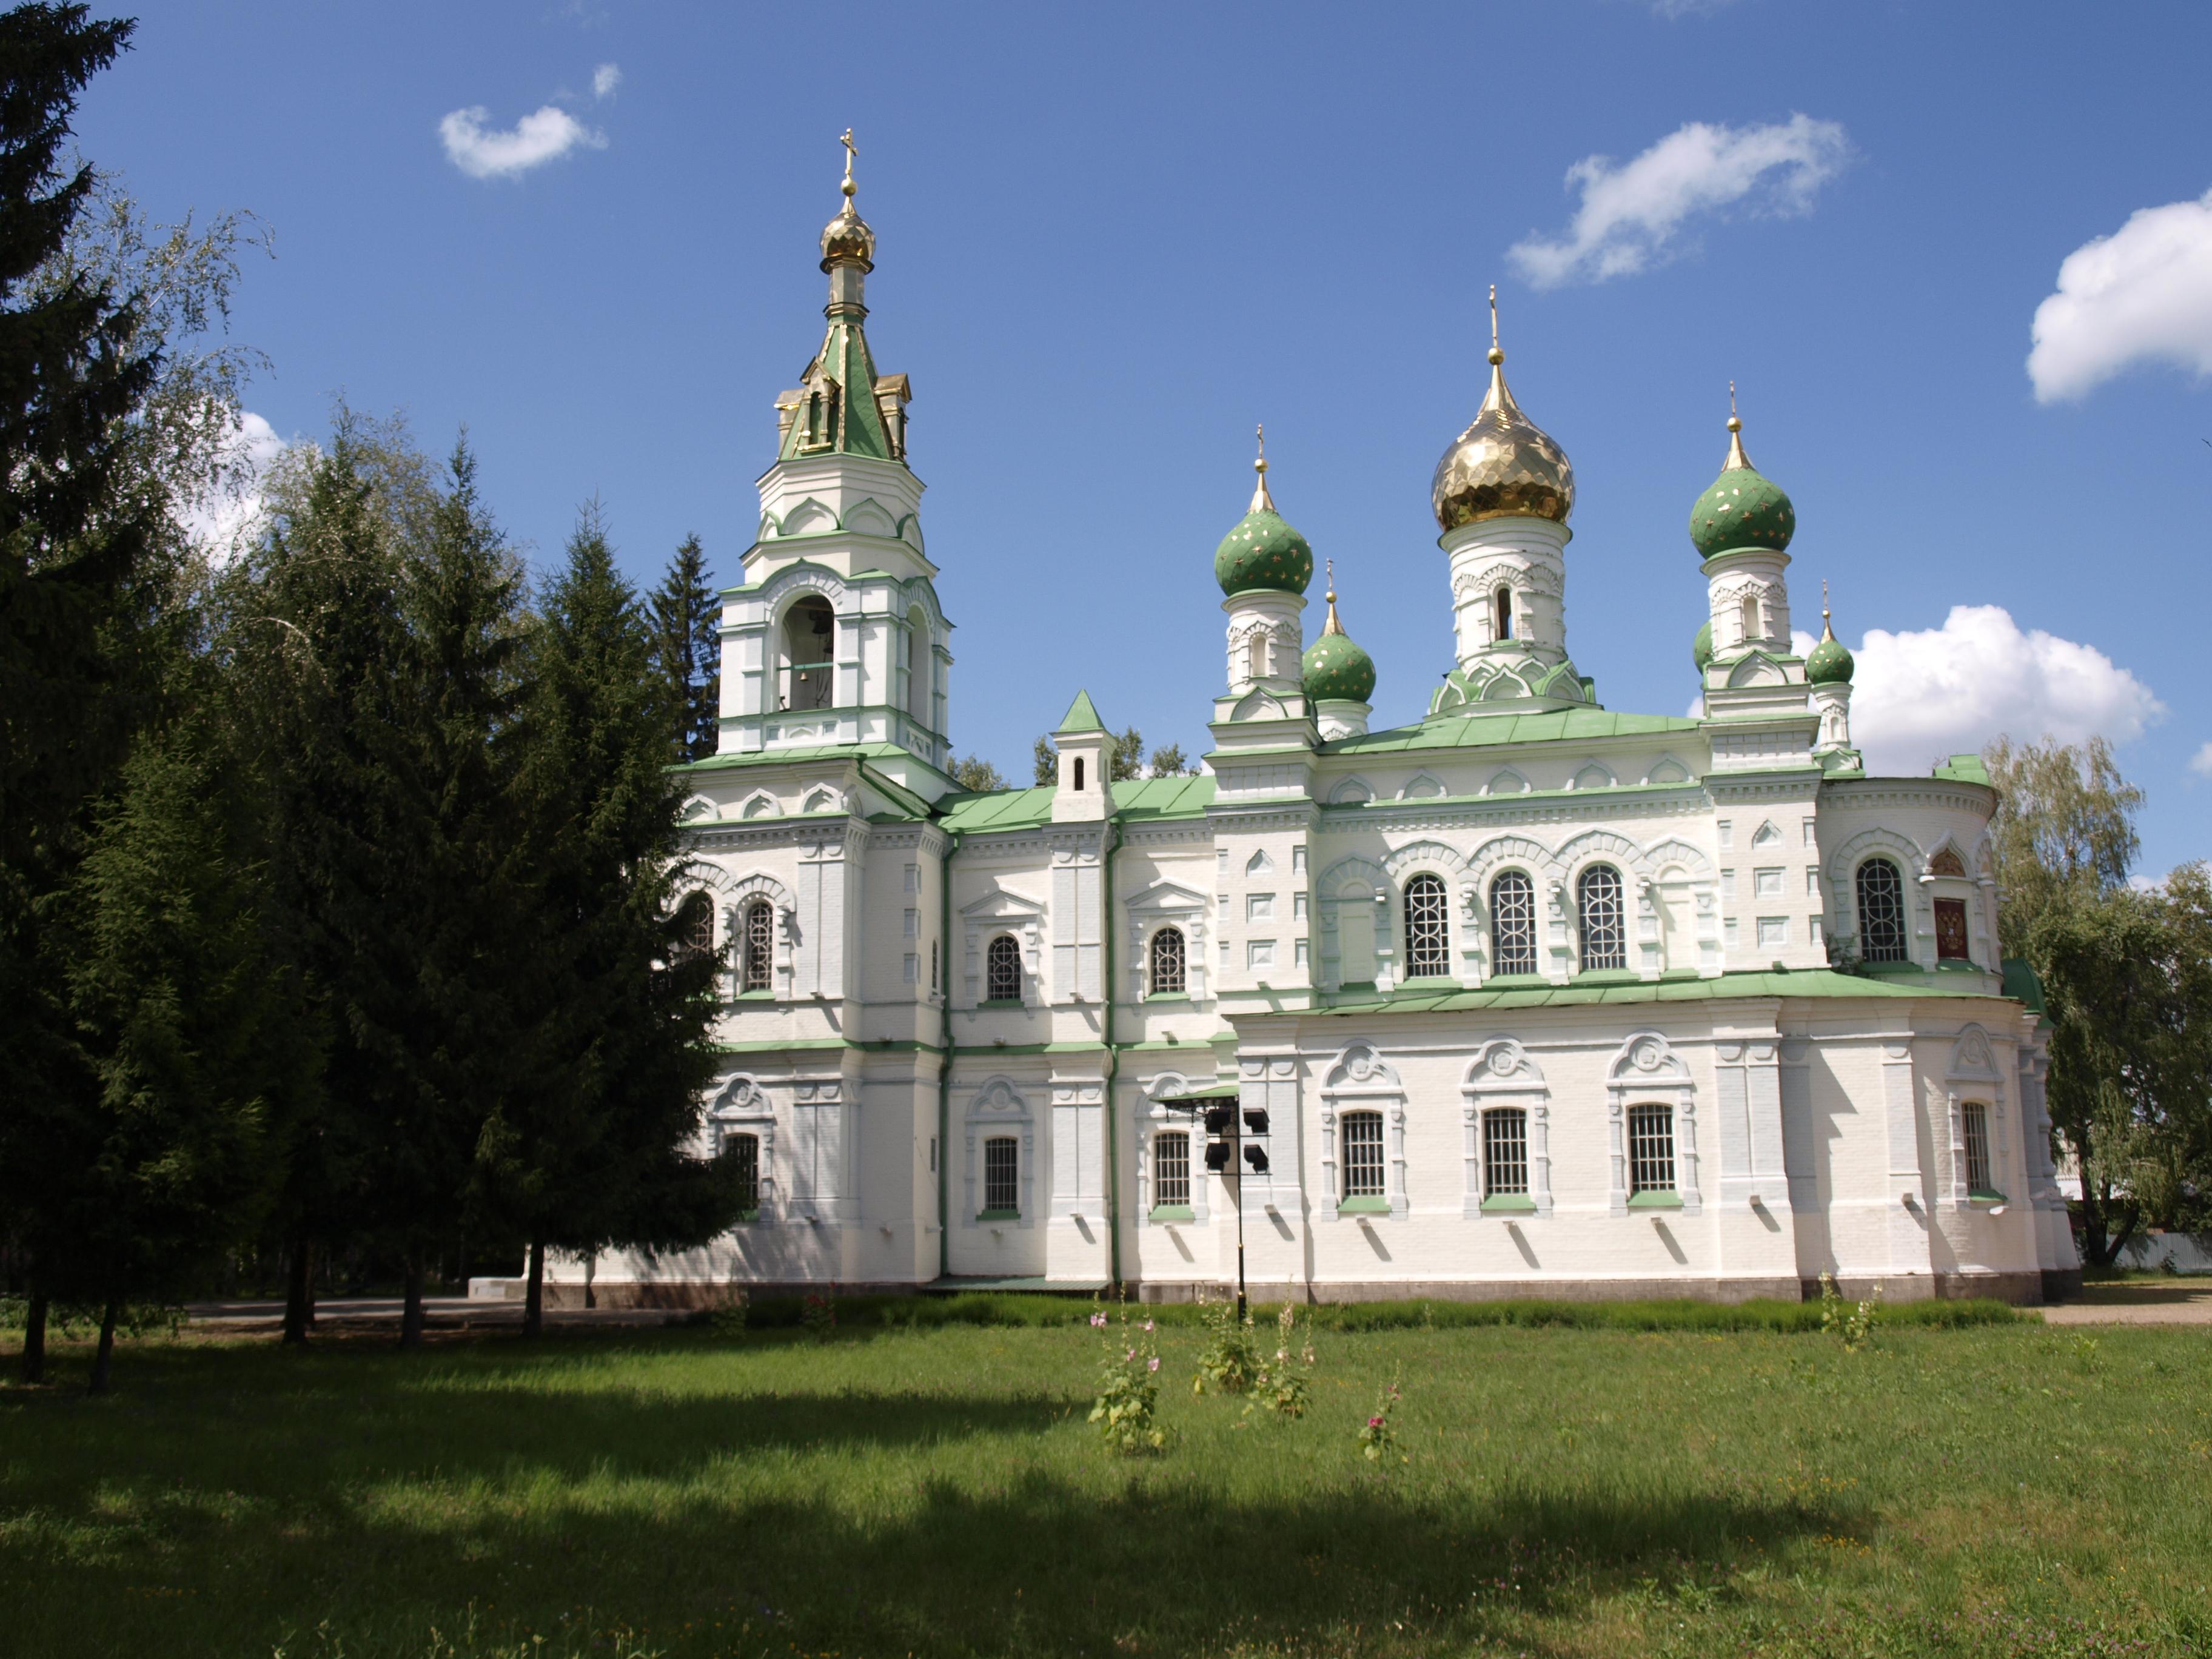 Картинки по запросу Сампсониевская церковь г полтавы